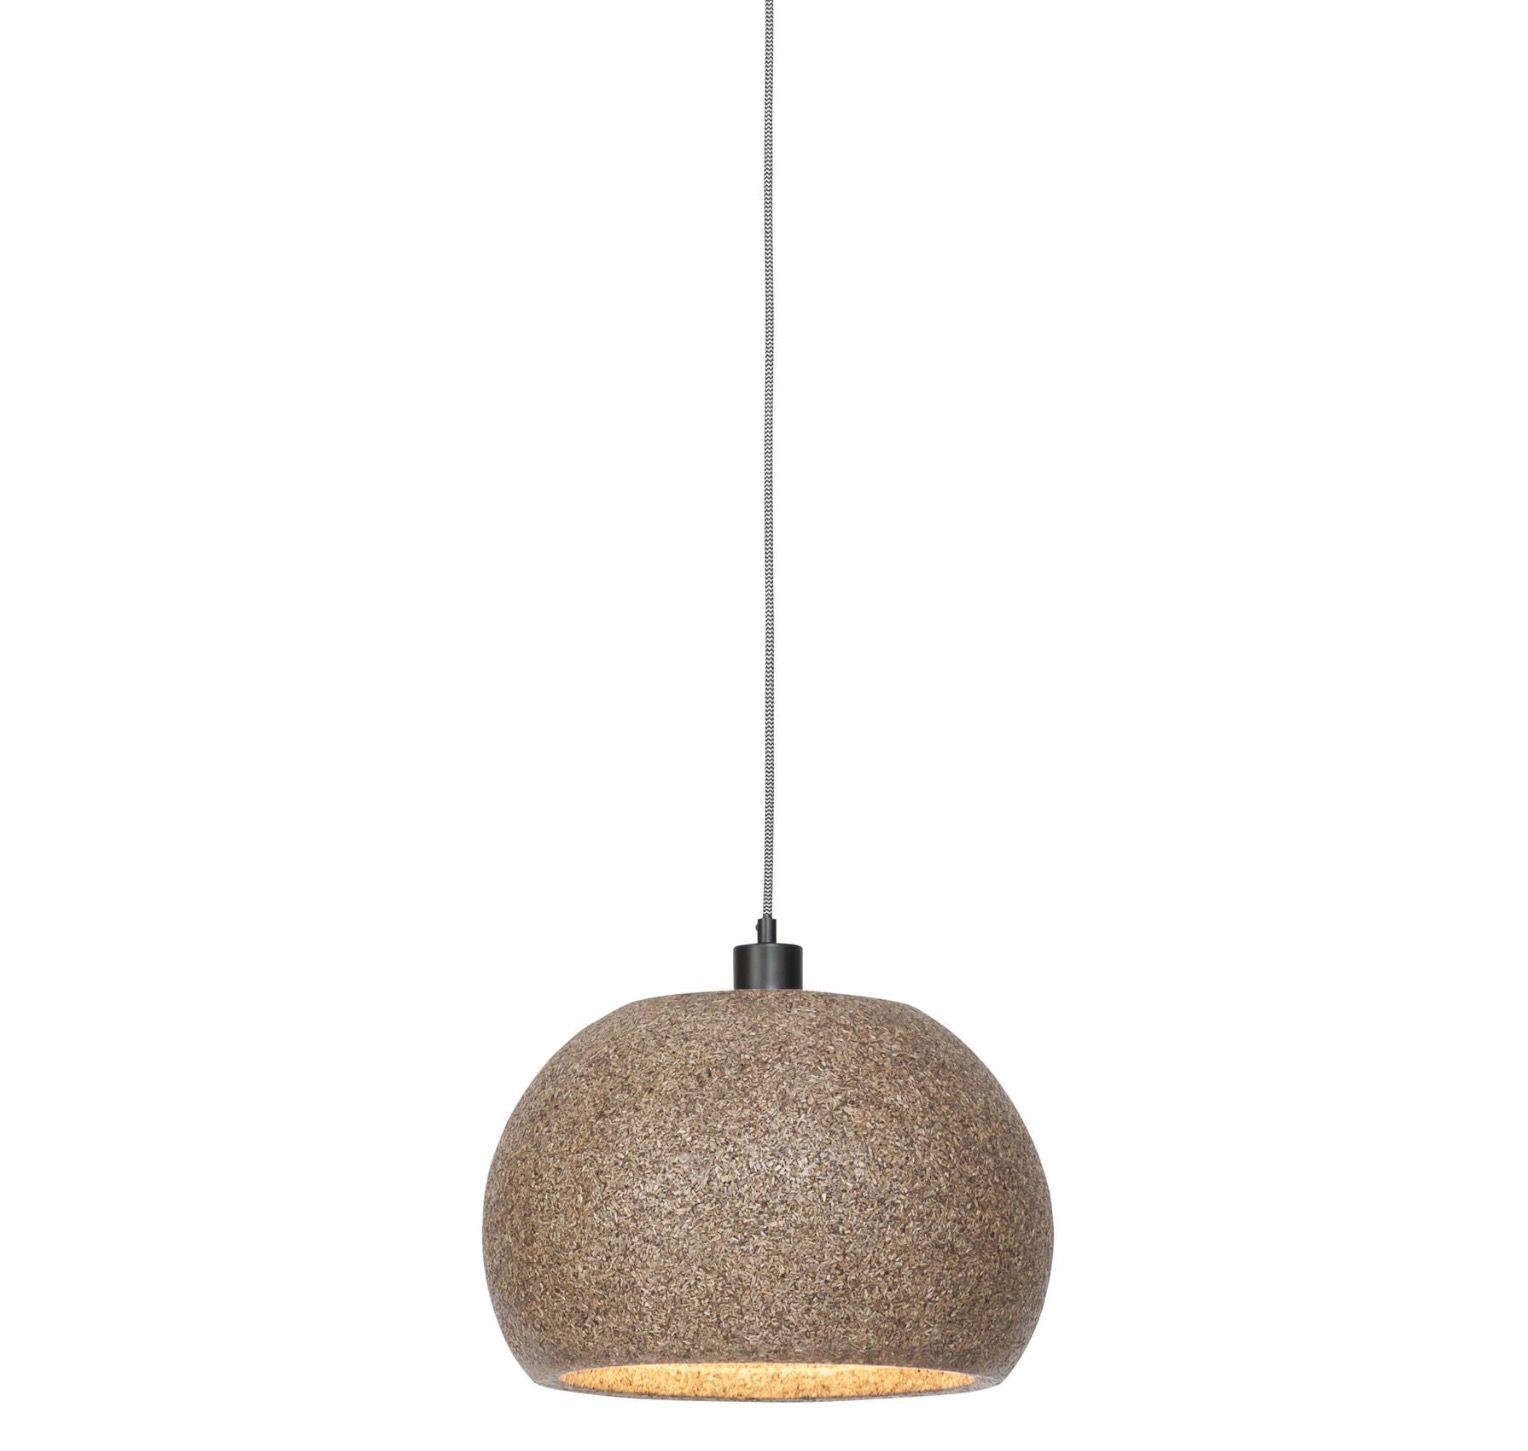 Good & Mojo houtsnippers hanglamp Bohol   Hanglampen   Pinterest   Bohol